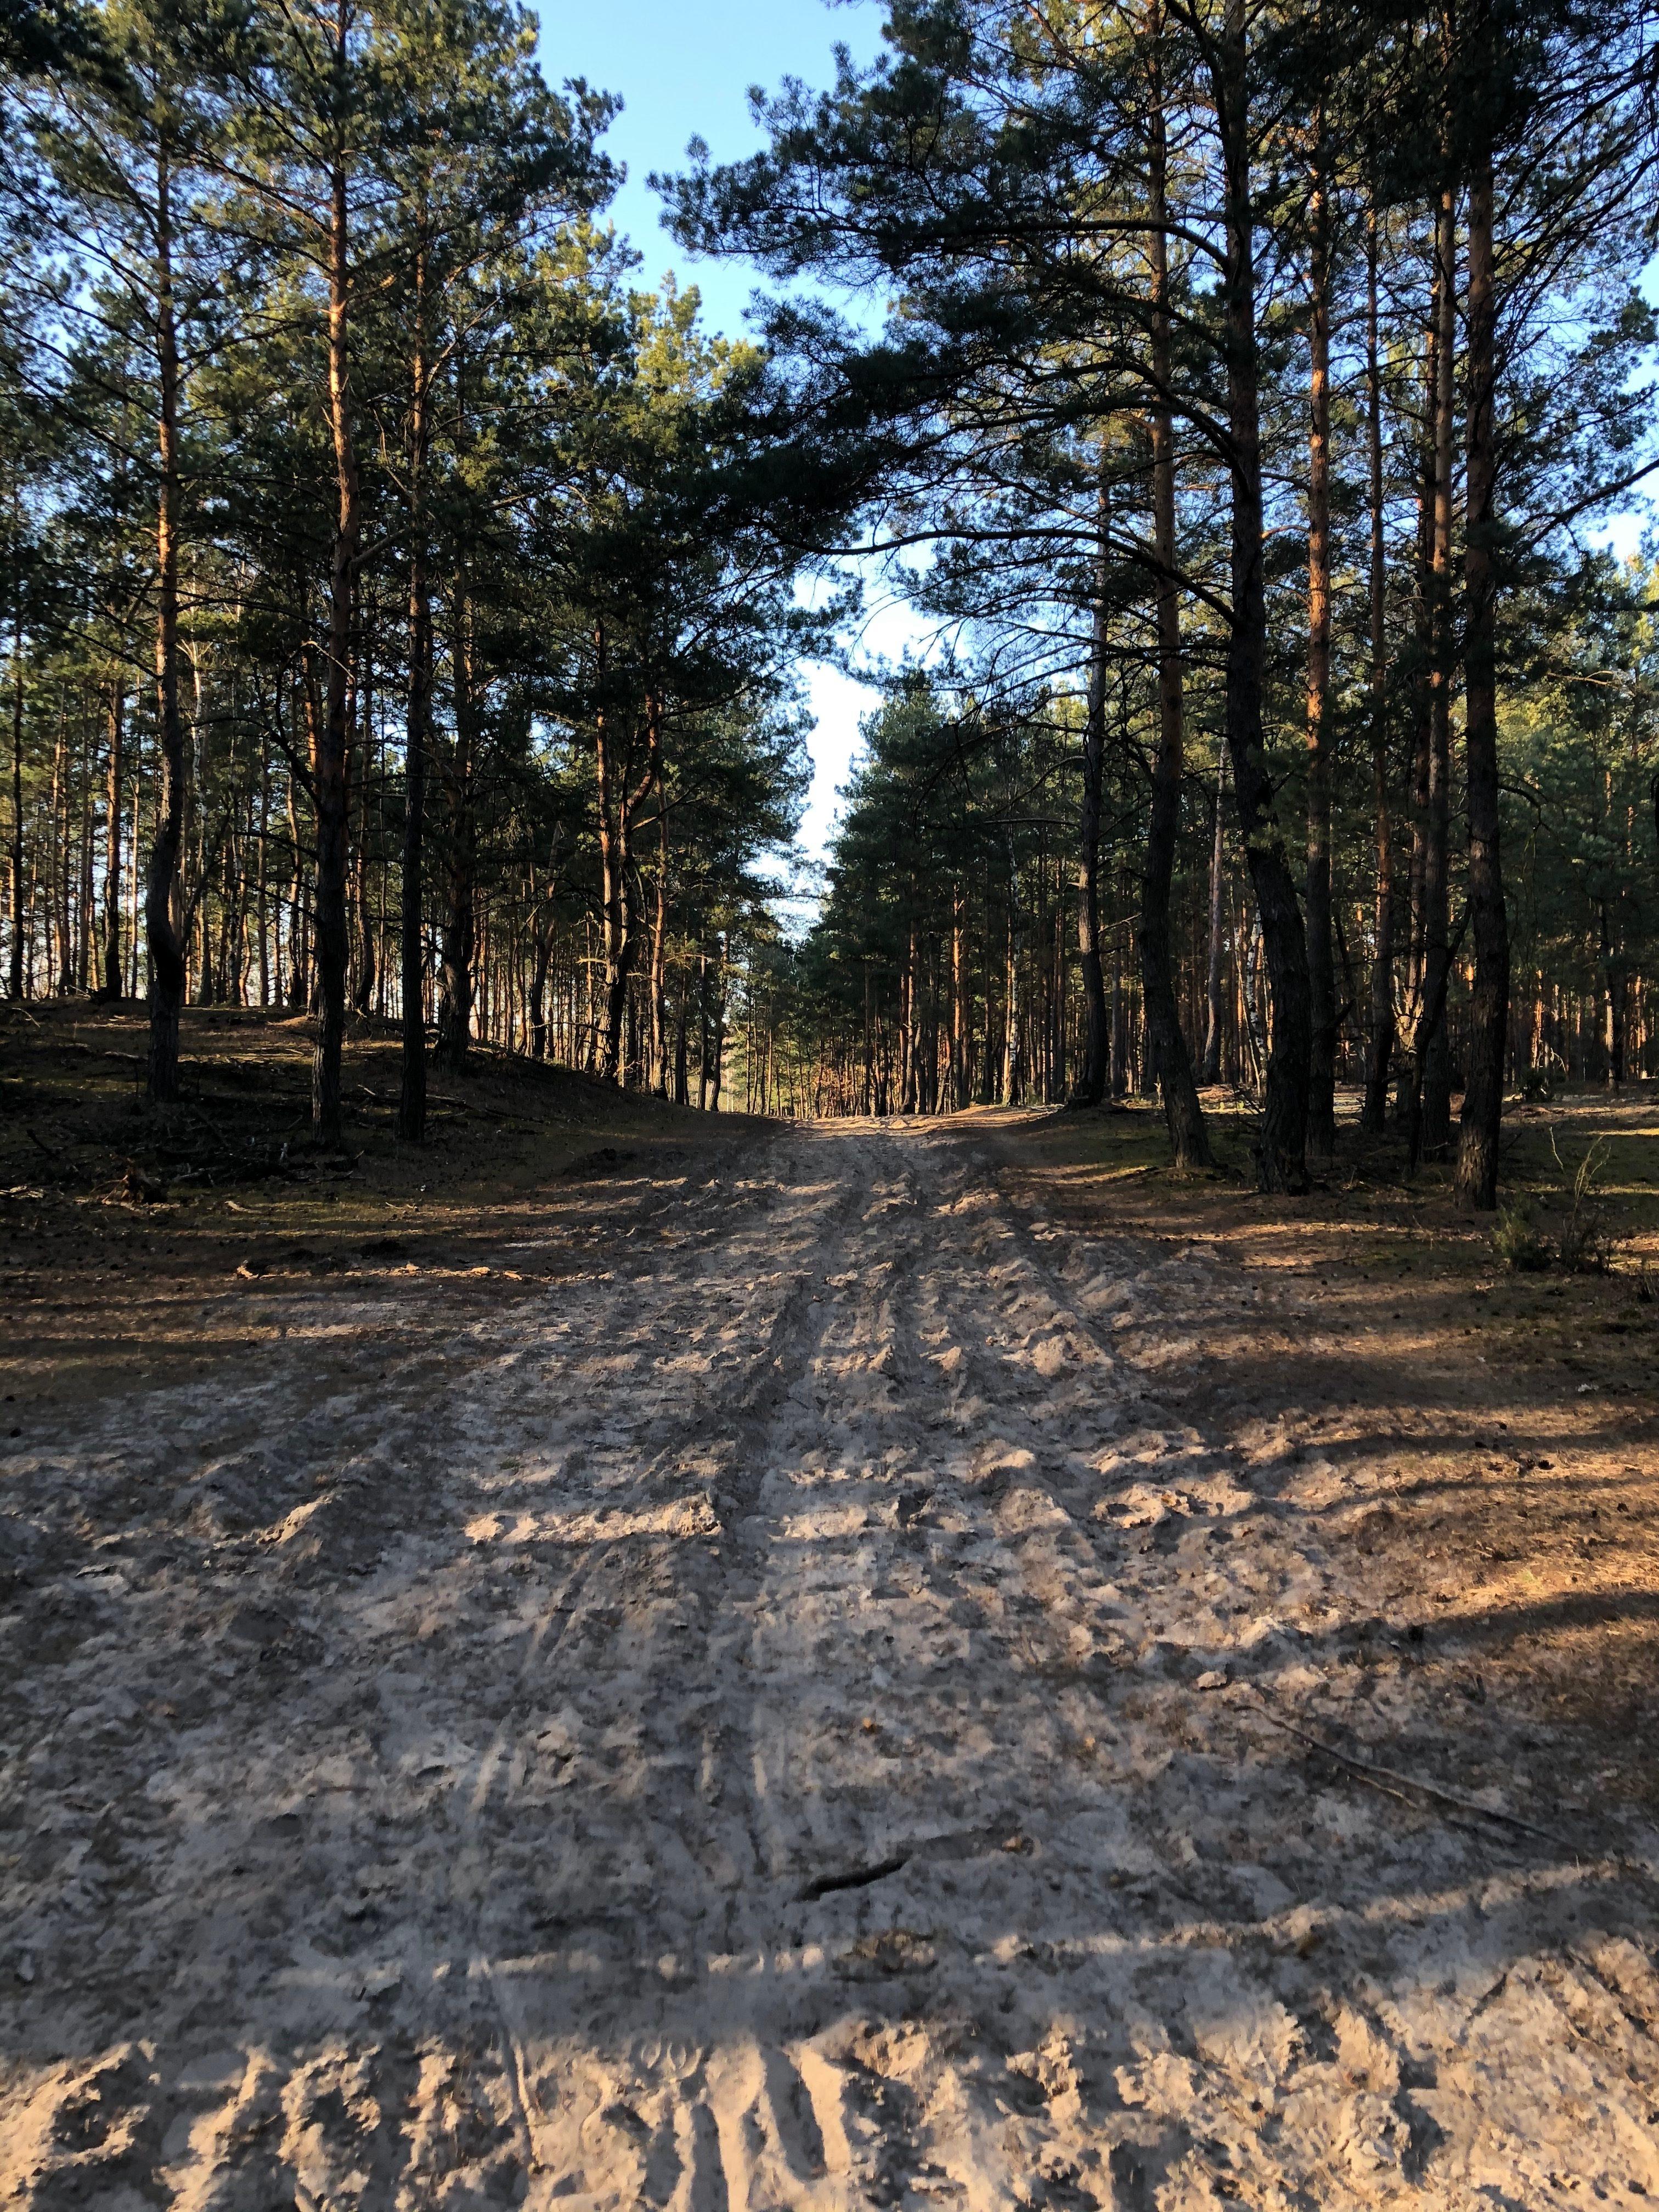 W 2020 miałam bardzo dużo planów podróżniczych i zawodowych. Miał być krąg we Wrocławiu i leśny krąg w Józefowie. Miałam jechać z Wami w góry z warsztatami osiędbania. Na ten moment pozostał tylko i AŻ las. Kocham lasy iglaste. Nic nie równa się temu zapachowi, piachowi pod stopami. Zawsze kiedy jestem w takim lesie, czuję jakby za chwile miała być wydma i Bałtyk. To niesamowite, jak mocno kształtuje nas miejsce, w którym dorastamy.